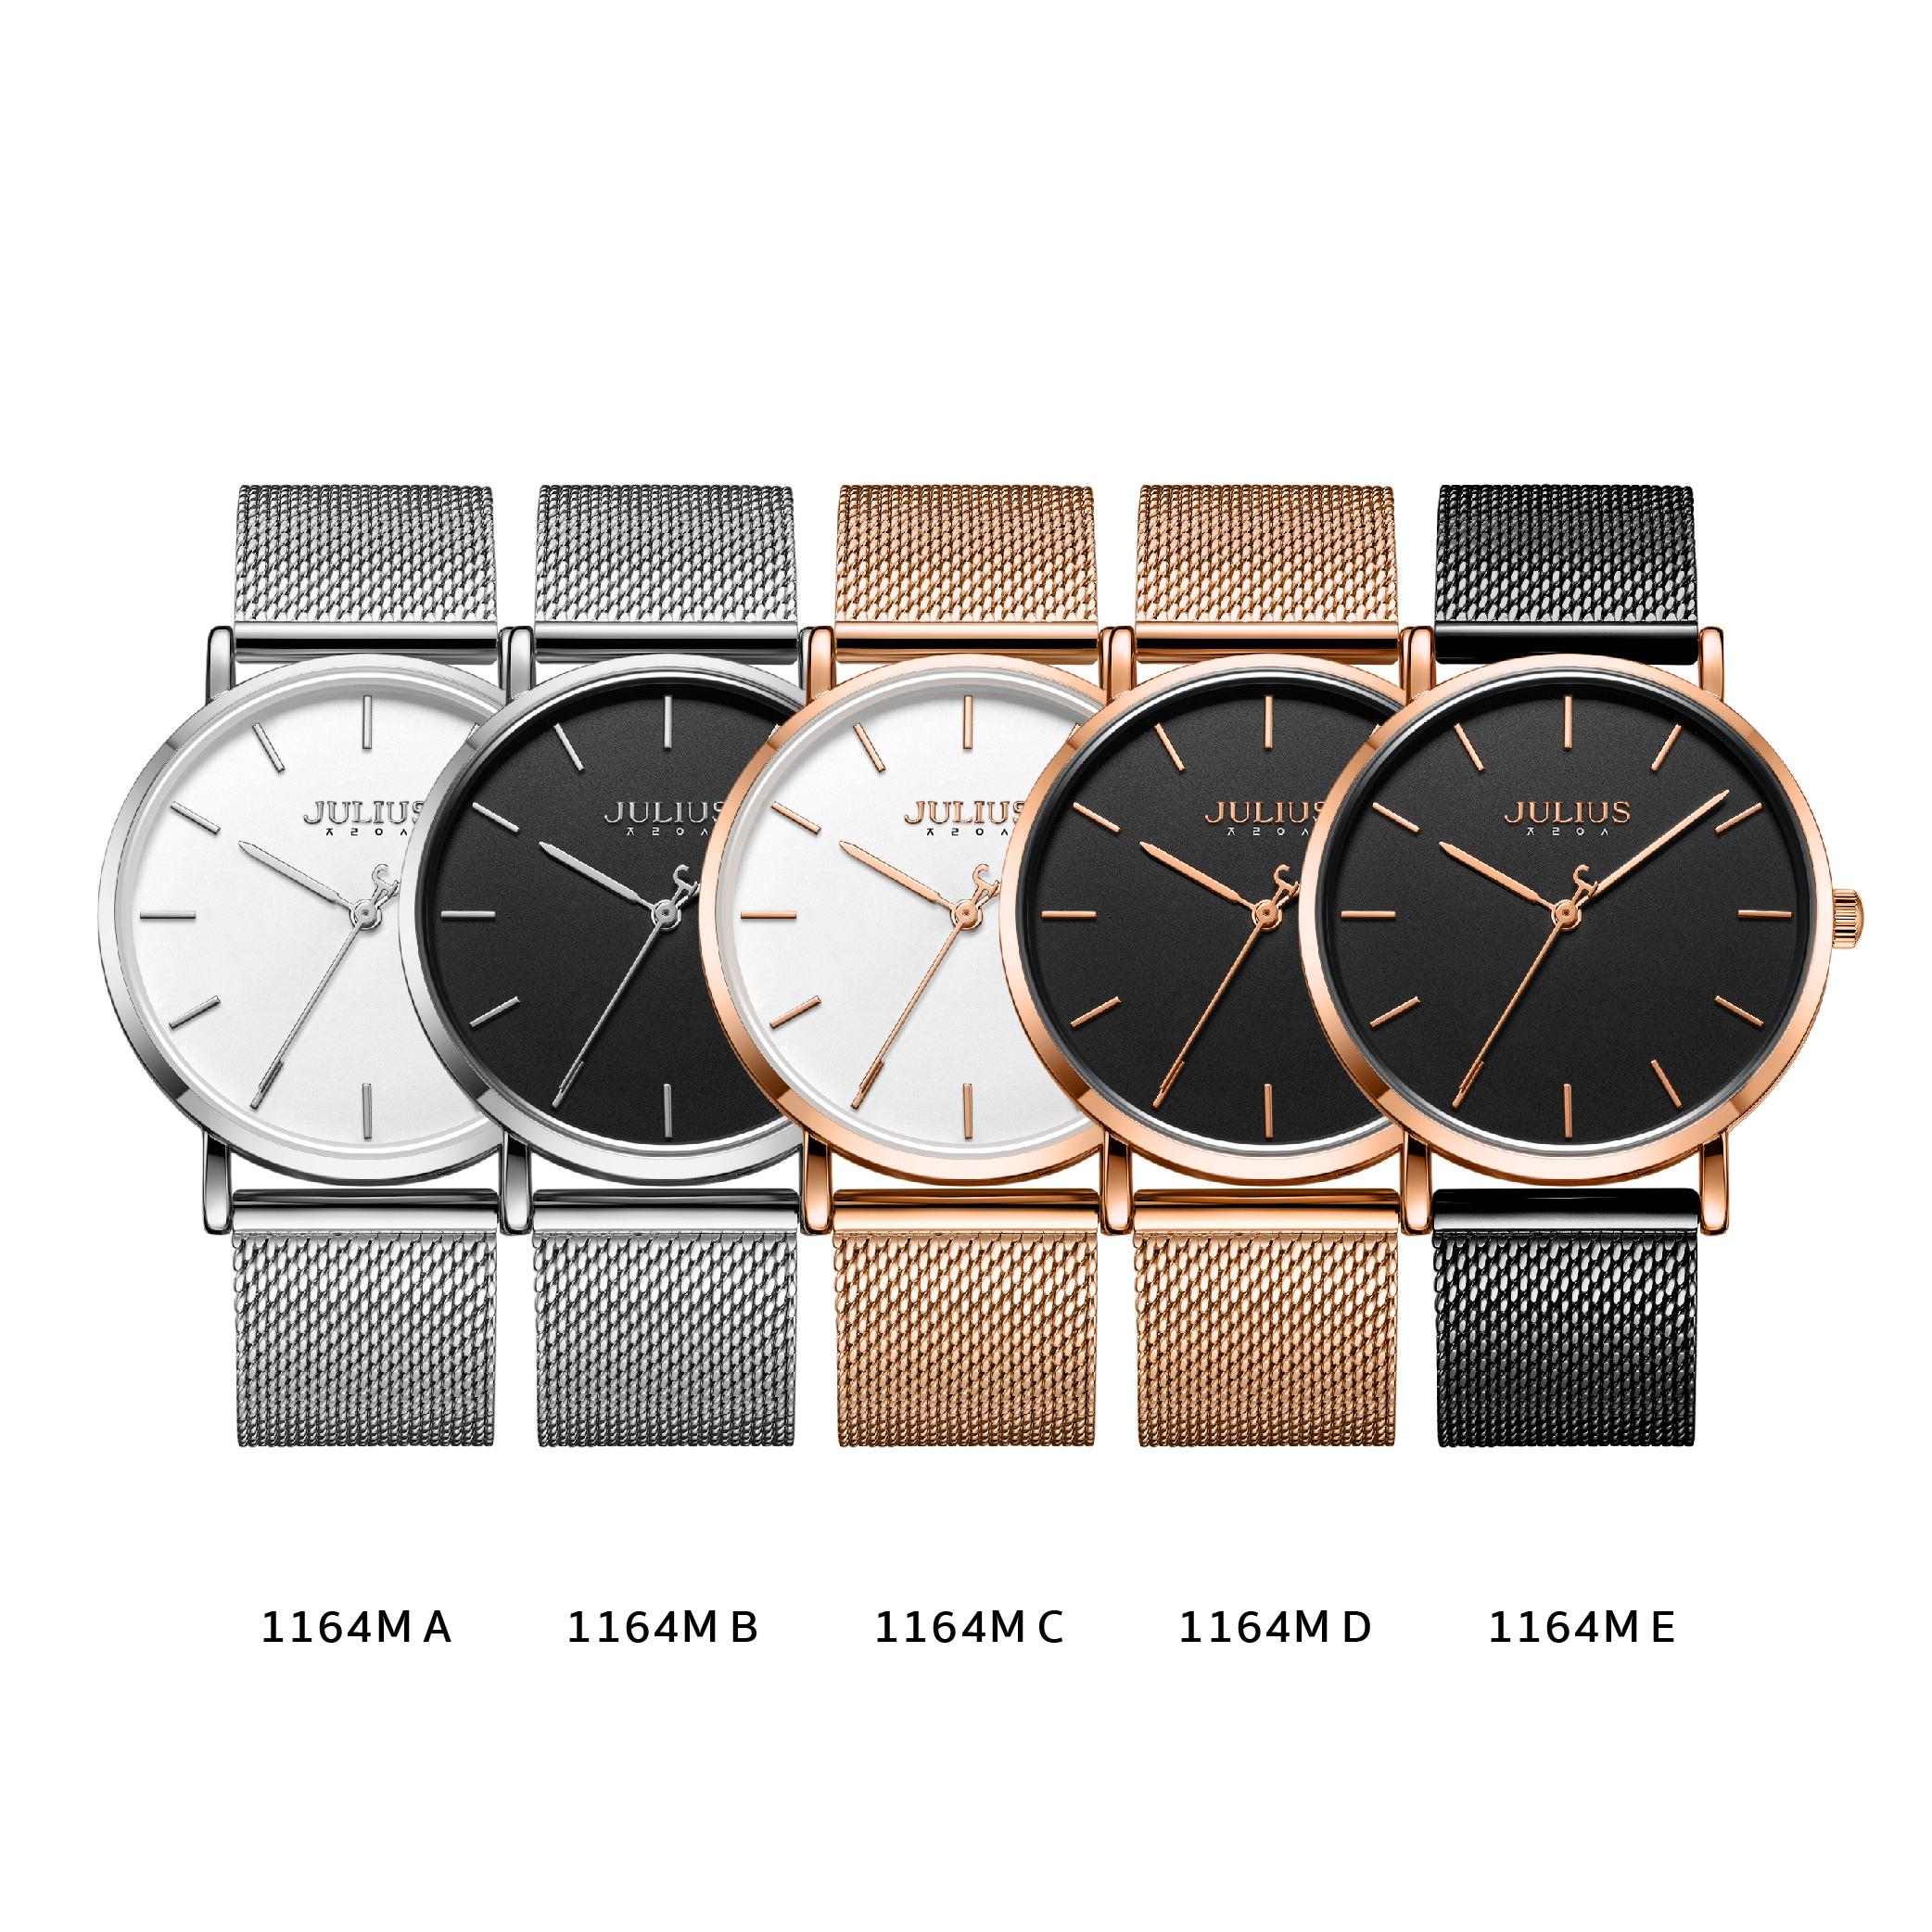 นาฬิกาข้อมือผู้หญิง JULIUS JA-1164M E